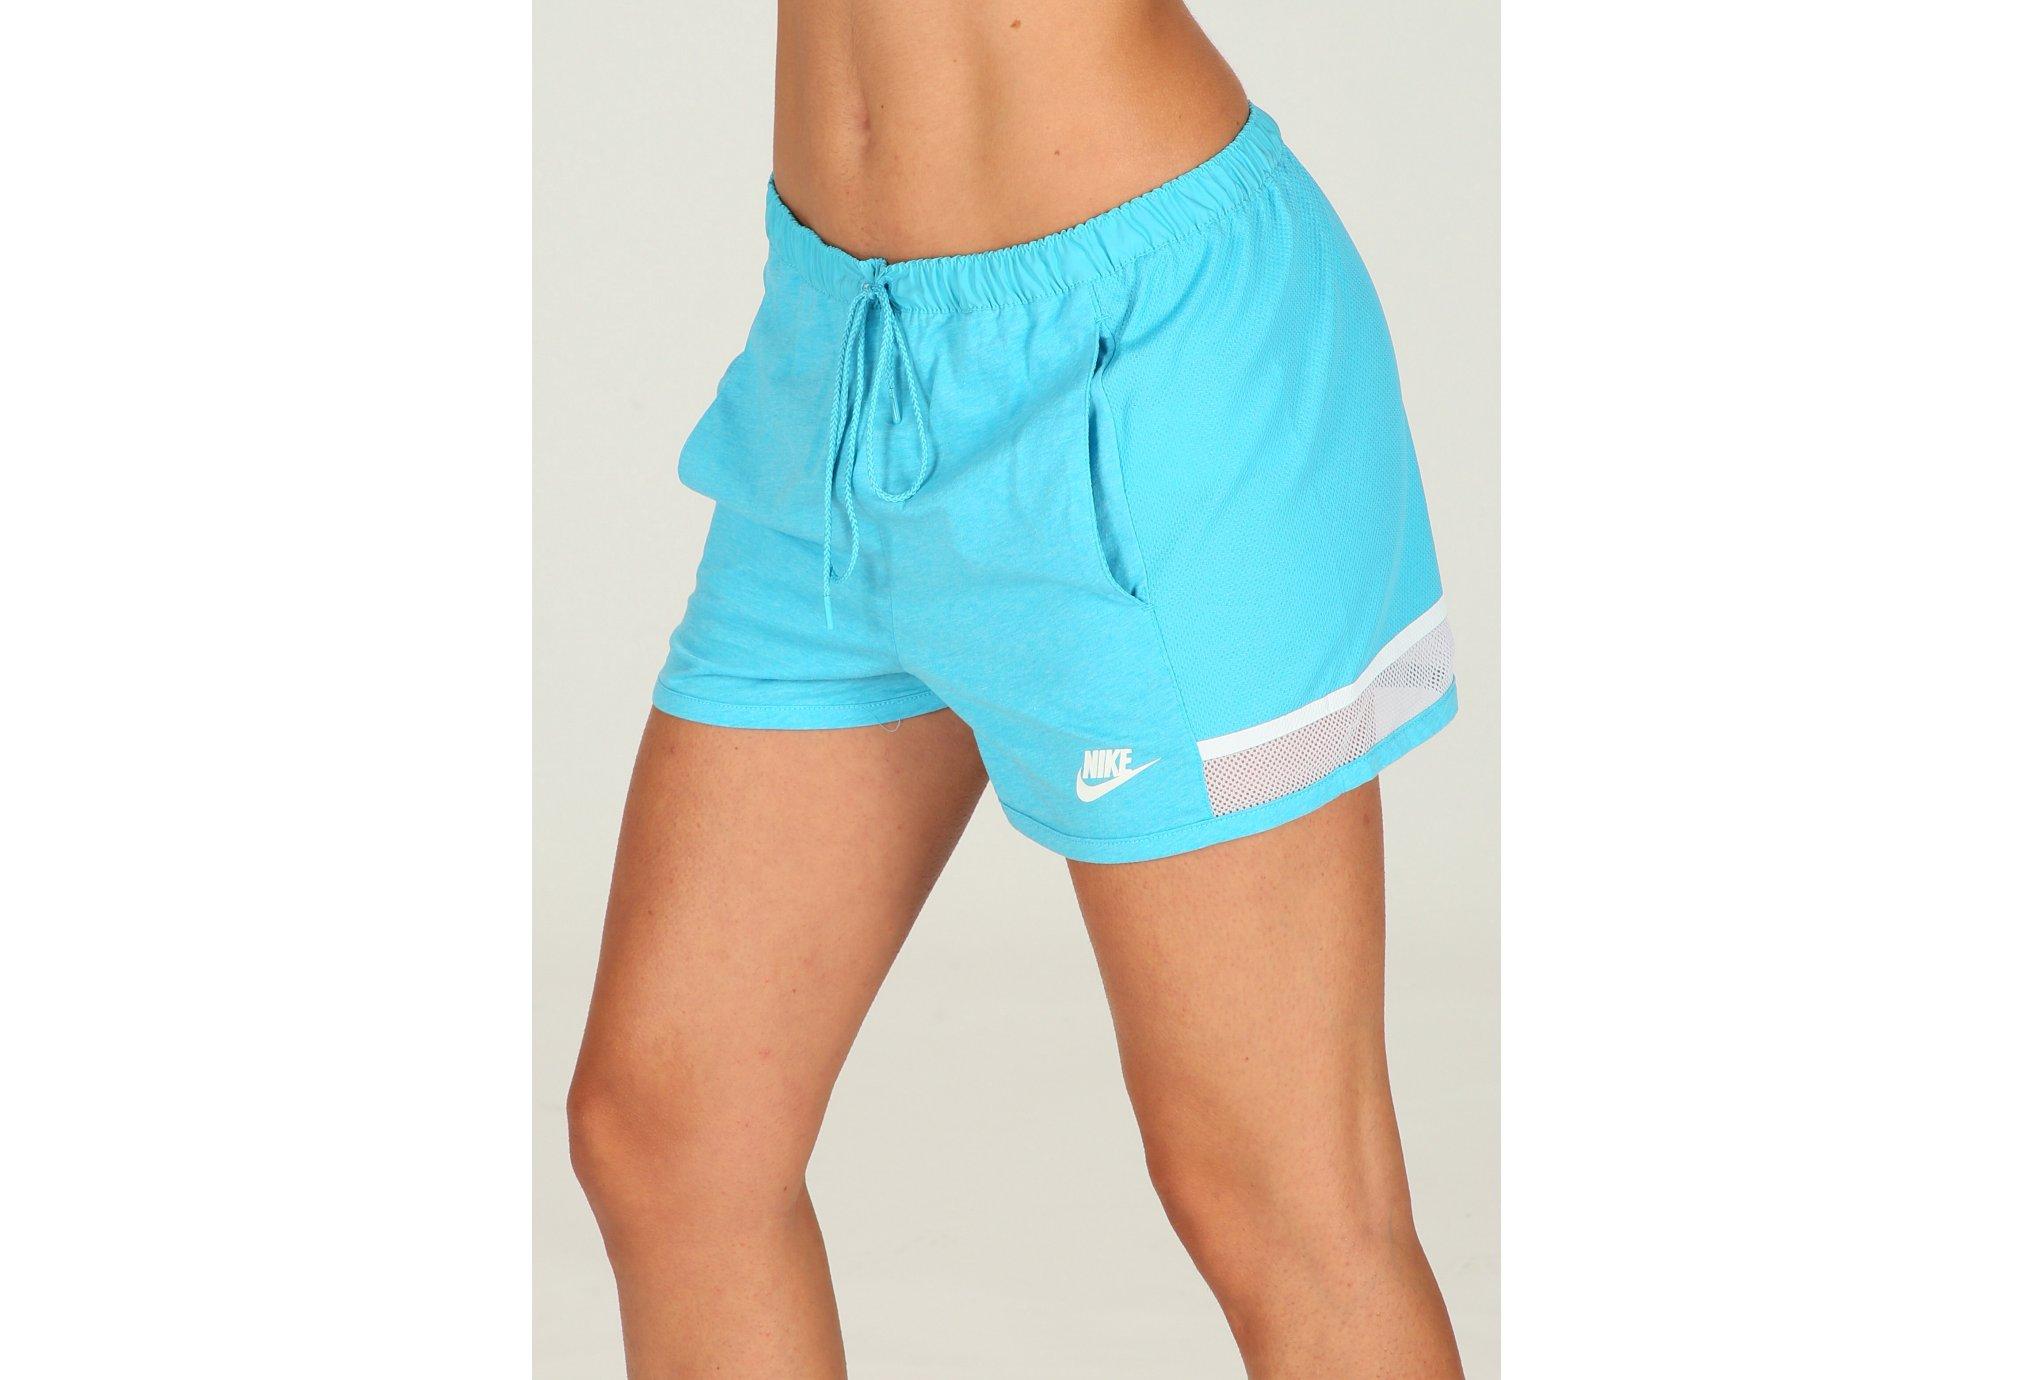 Nike Short Bonded W vêtement running femme